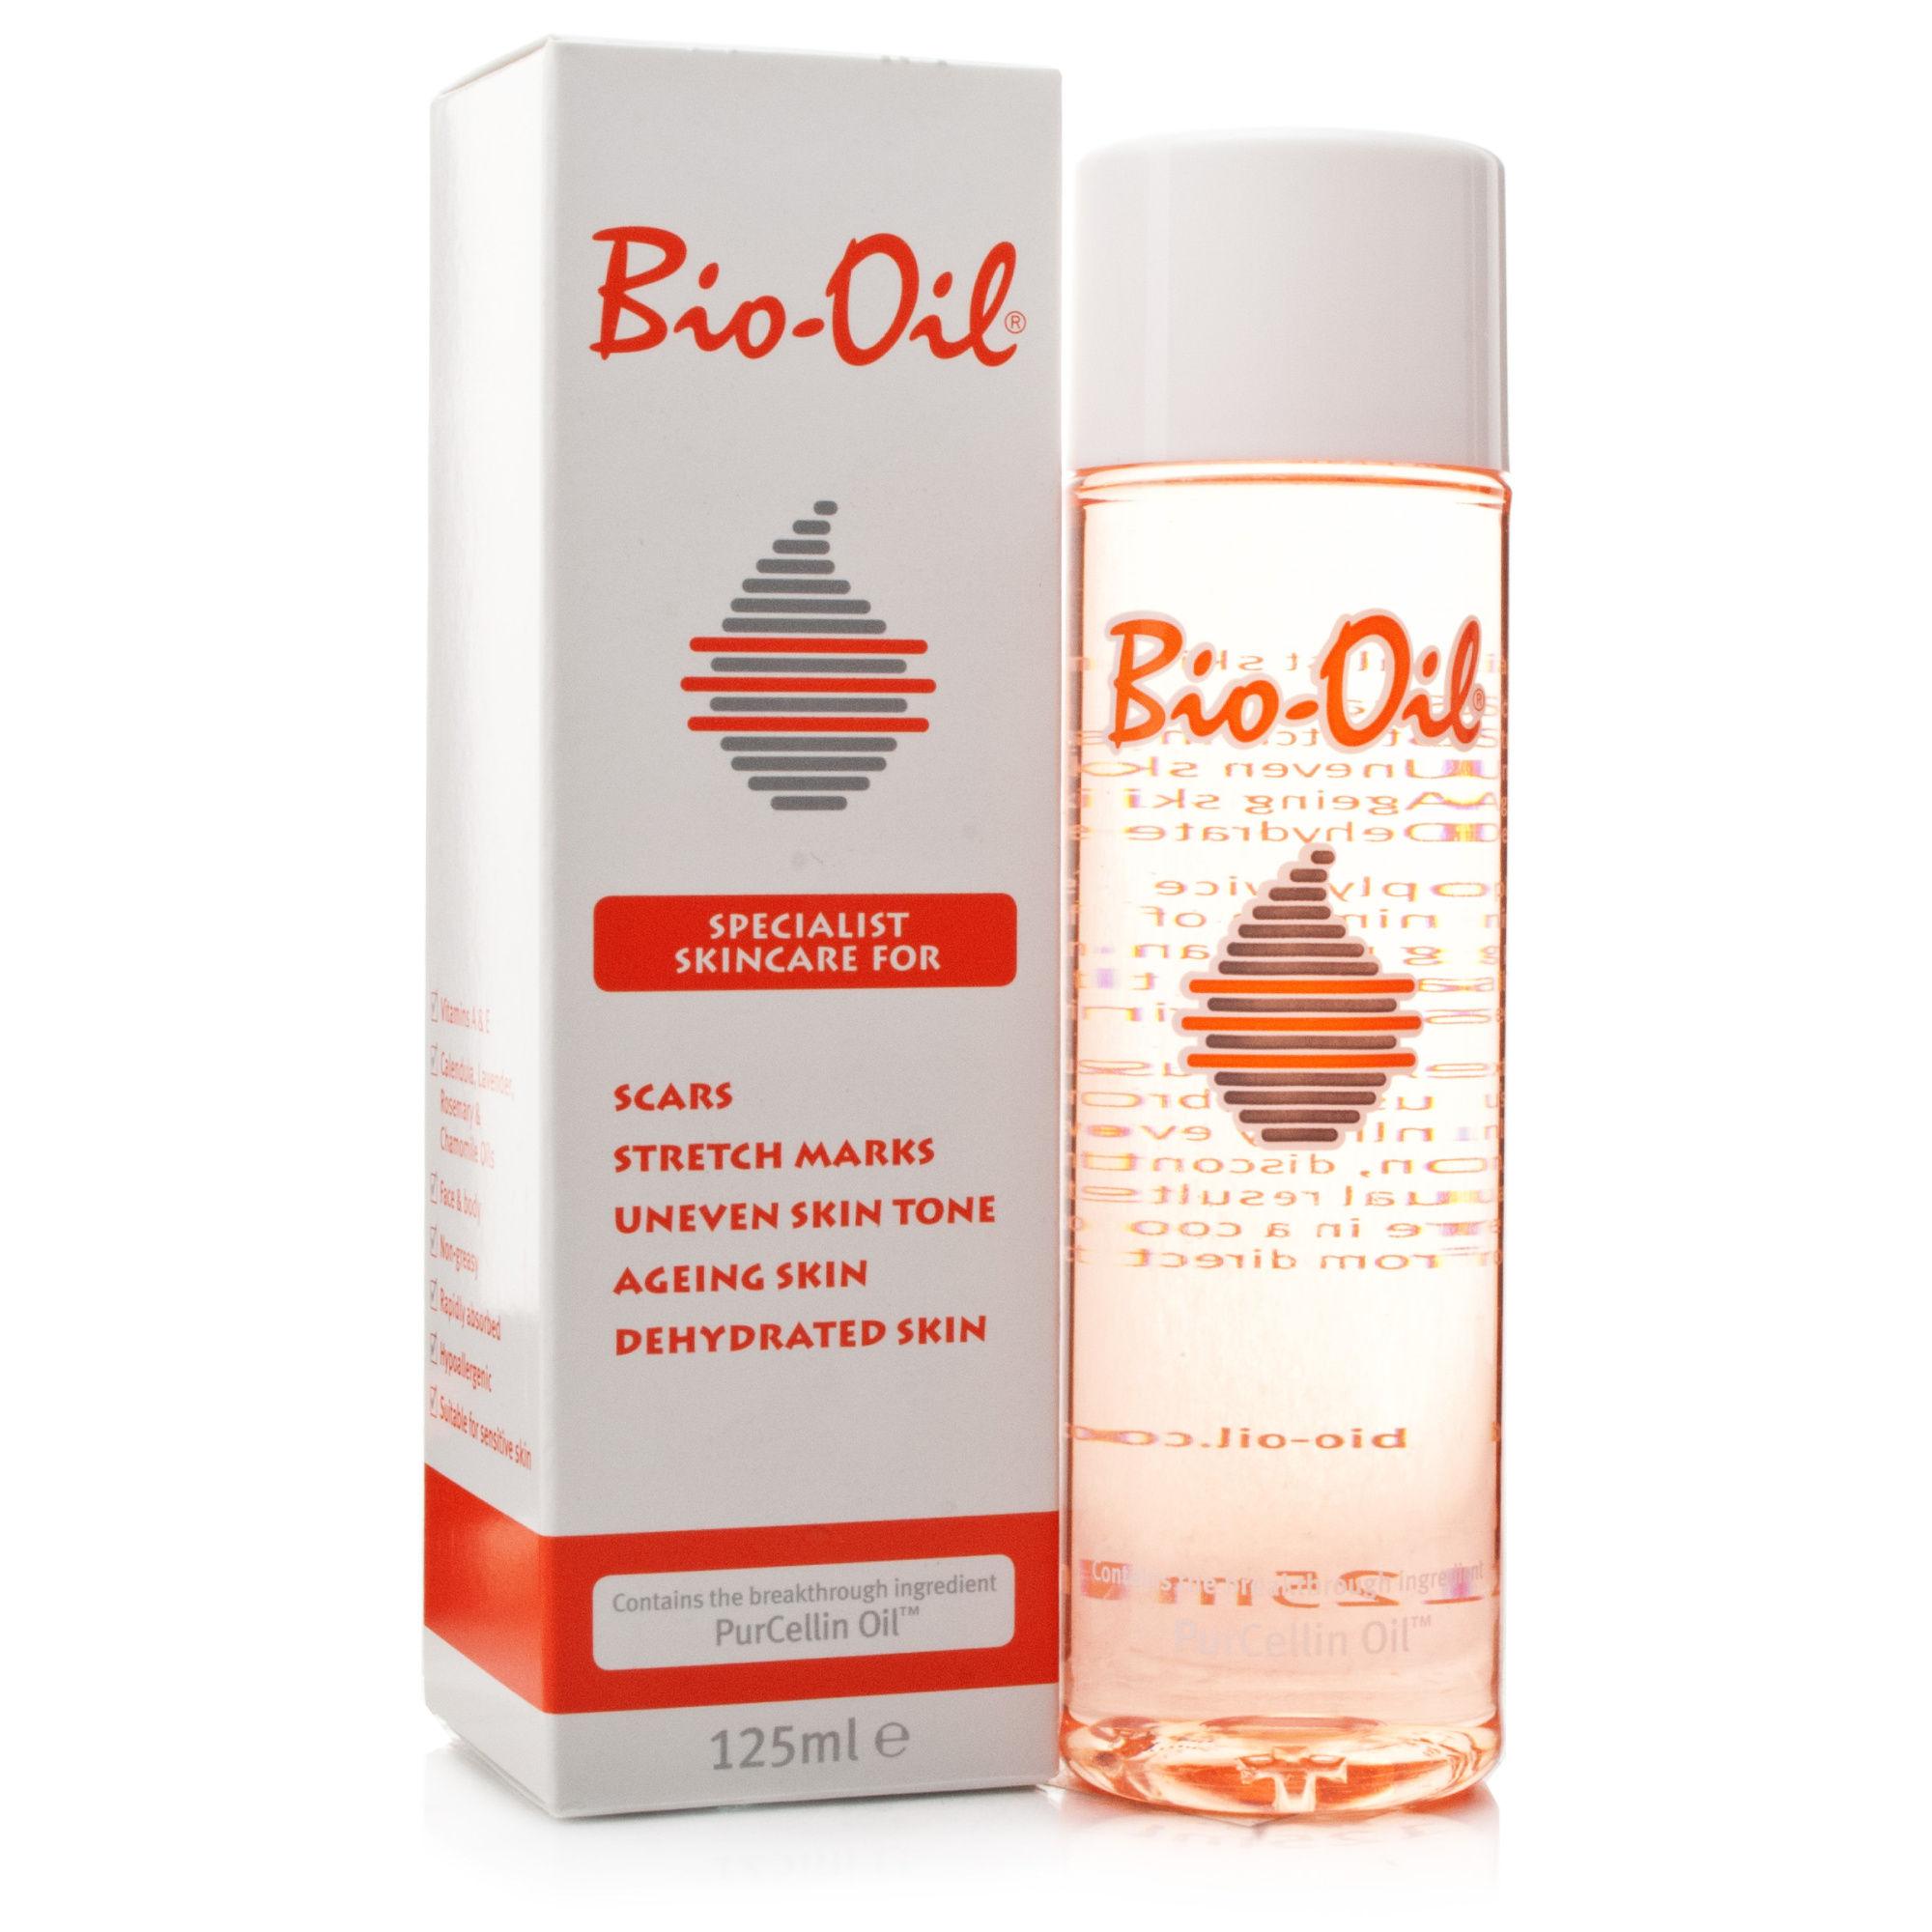 tinh-dau-bio-oil-125ml-chong-ran-da-lam-mo-seo